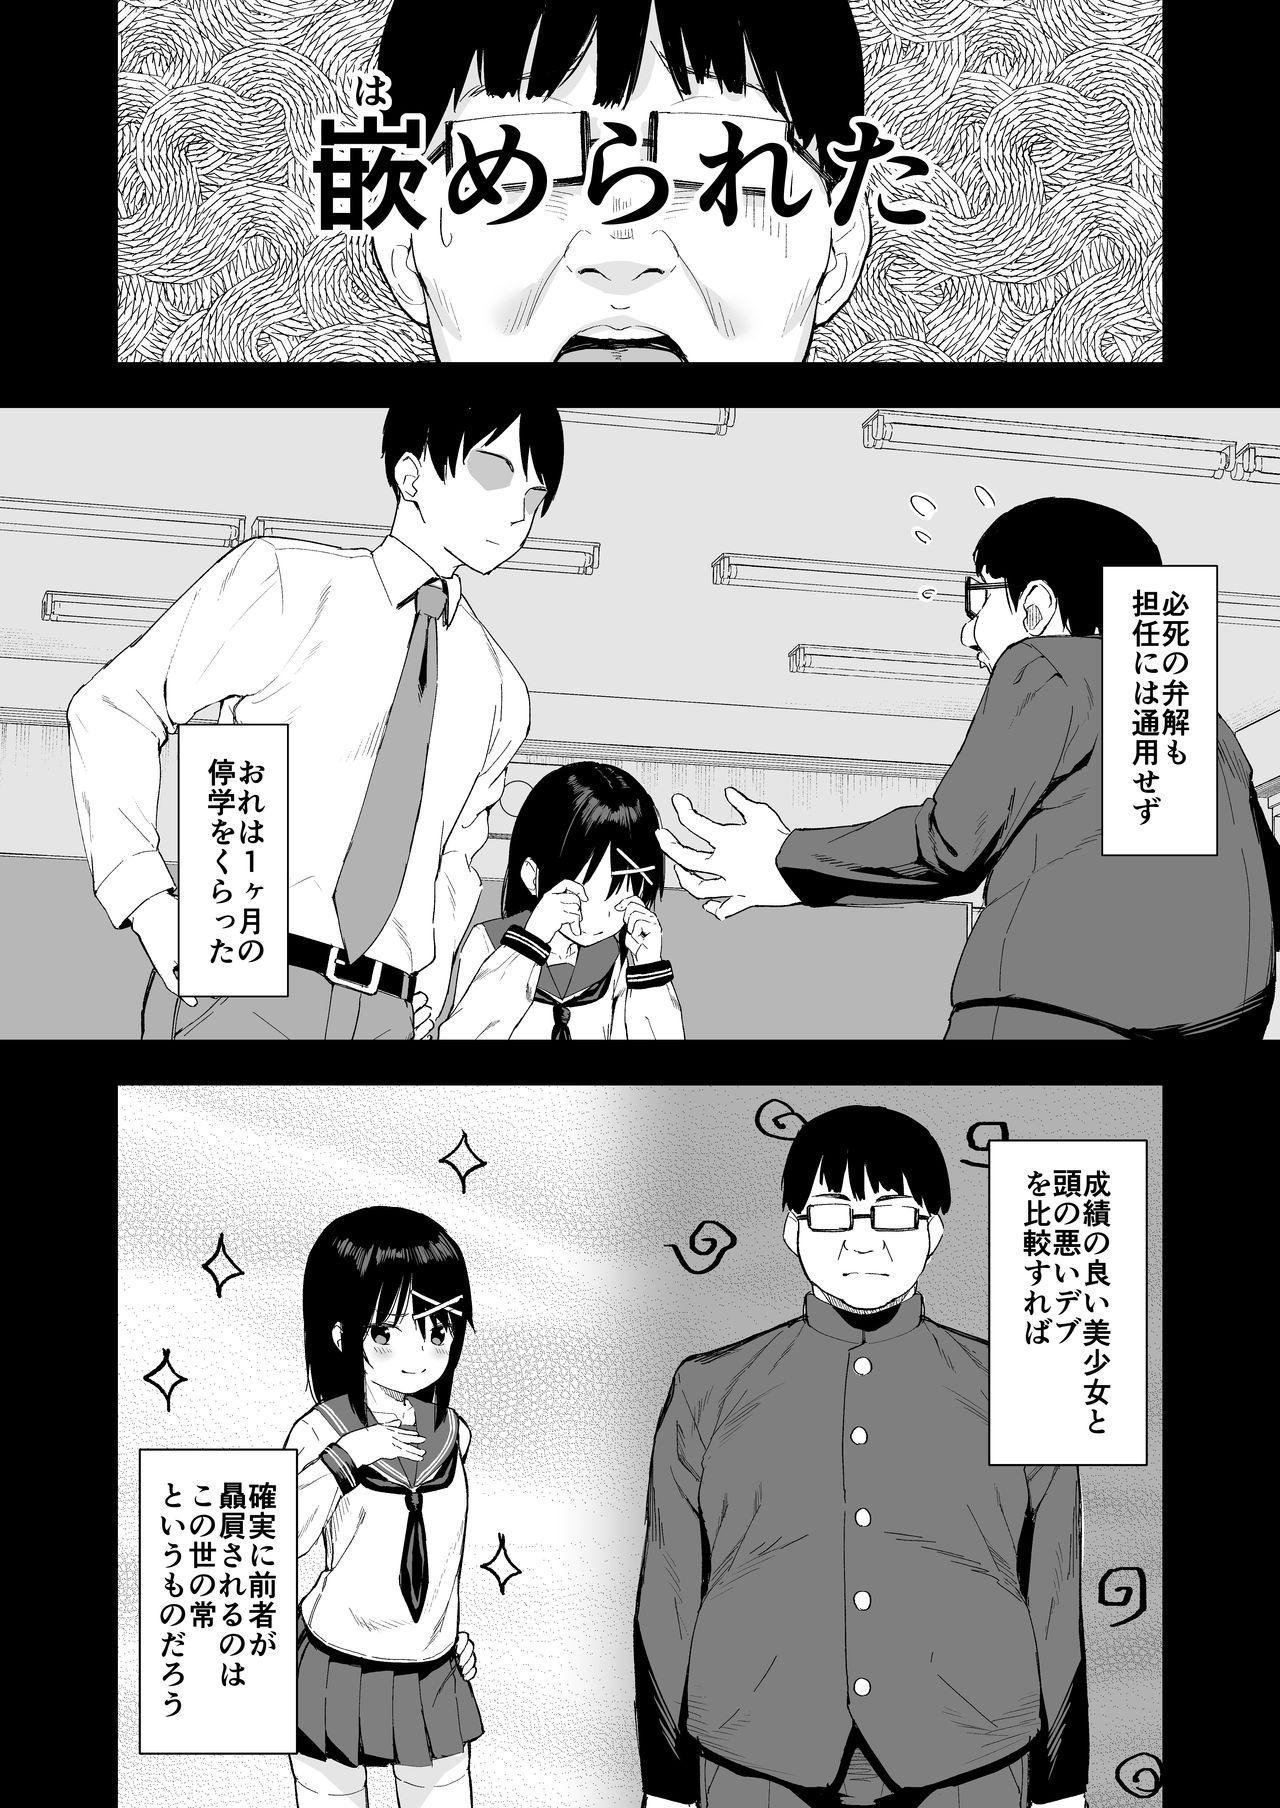 [Nexus Koubou (Arumamai Ayuka+)] Ijime mmusume o saimin-jutsu de-han tte yaru [Digital] 4